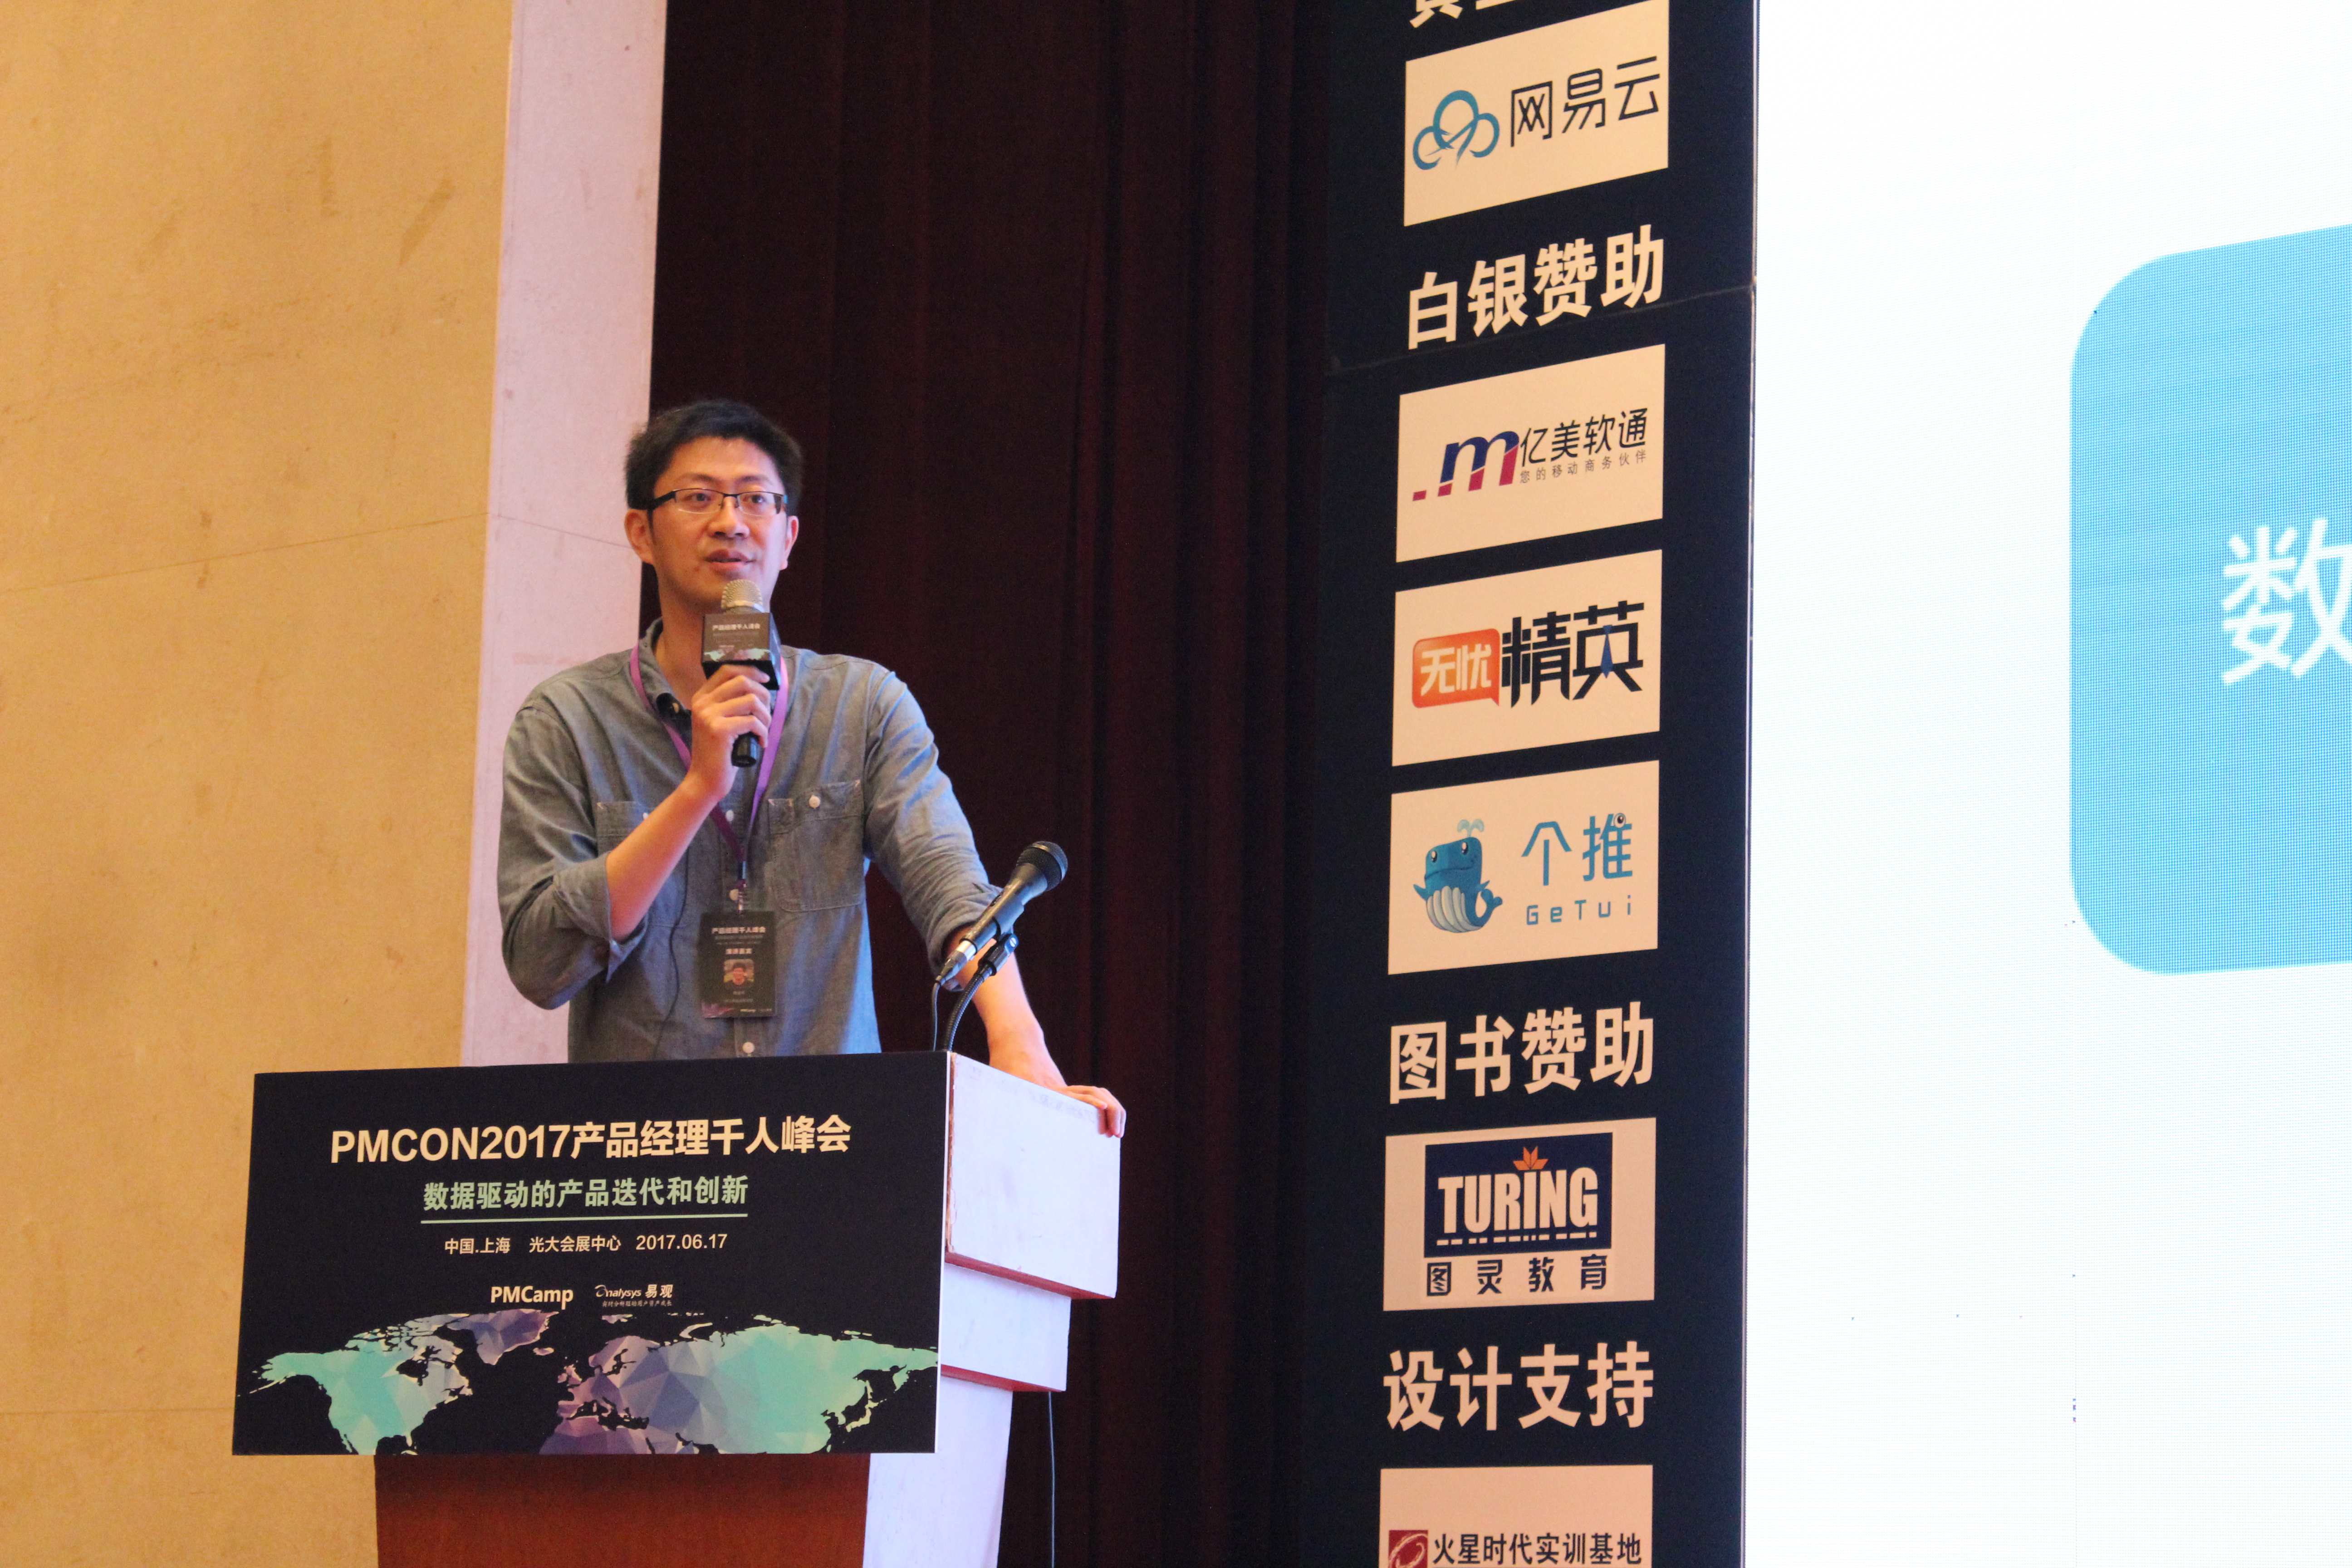 沪江高级总监路盛华:用数据驱动打造产品增长模型